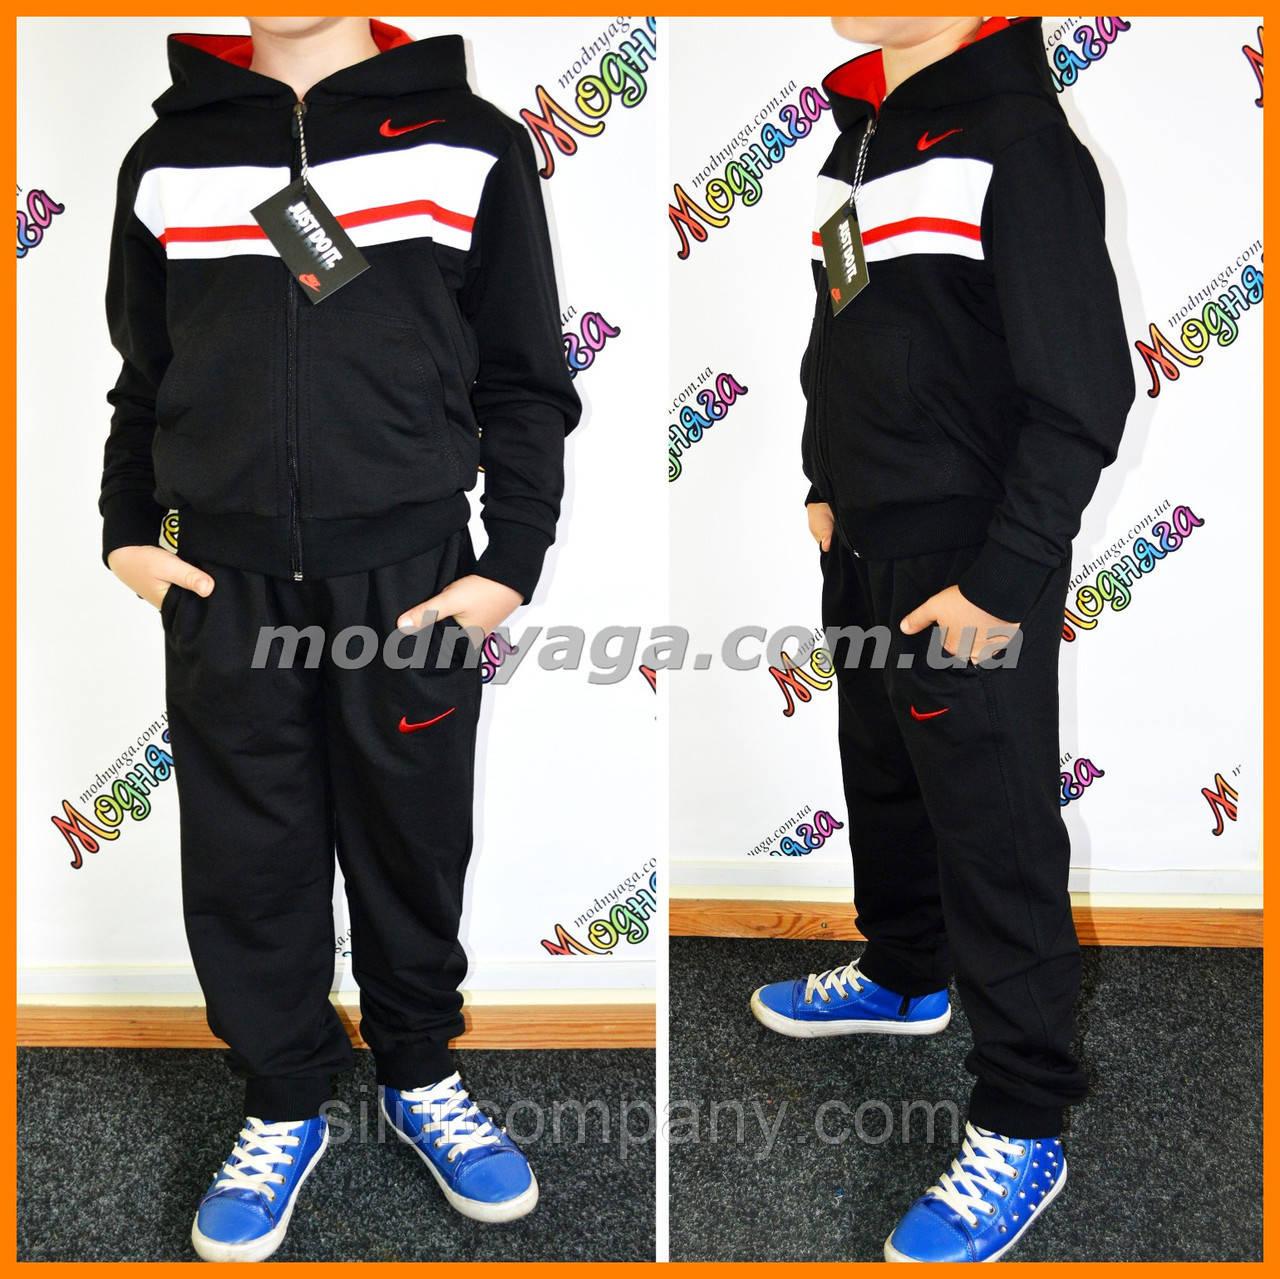 c73cee7f8d1590 Дитячі спортивні костюми найк | Стильний костюм Nike для хлопчиків -  Интернет магазин